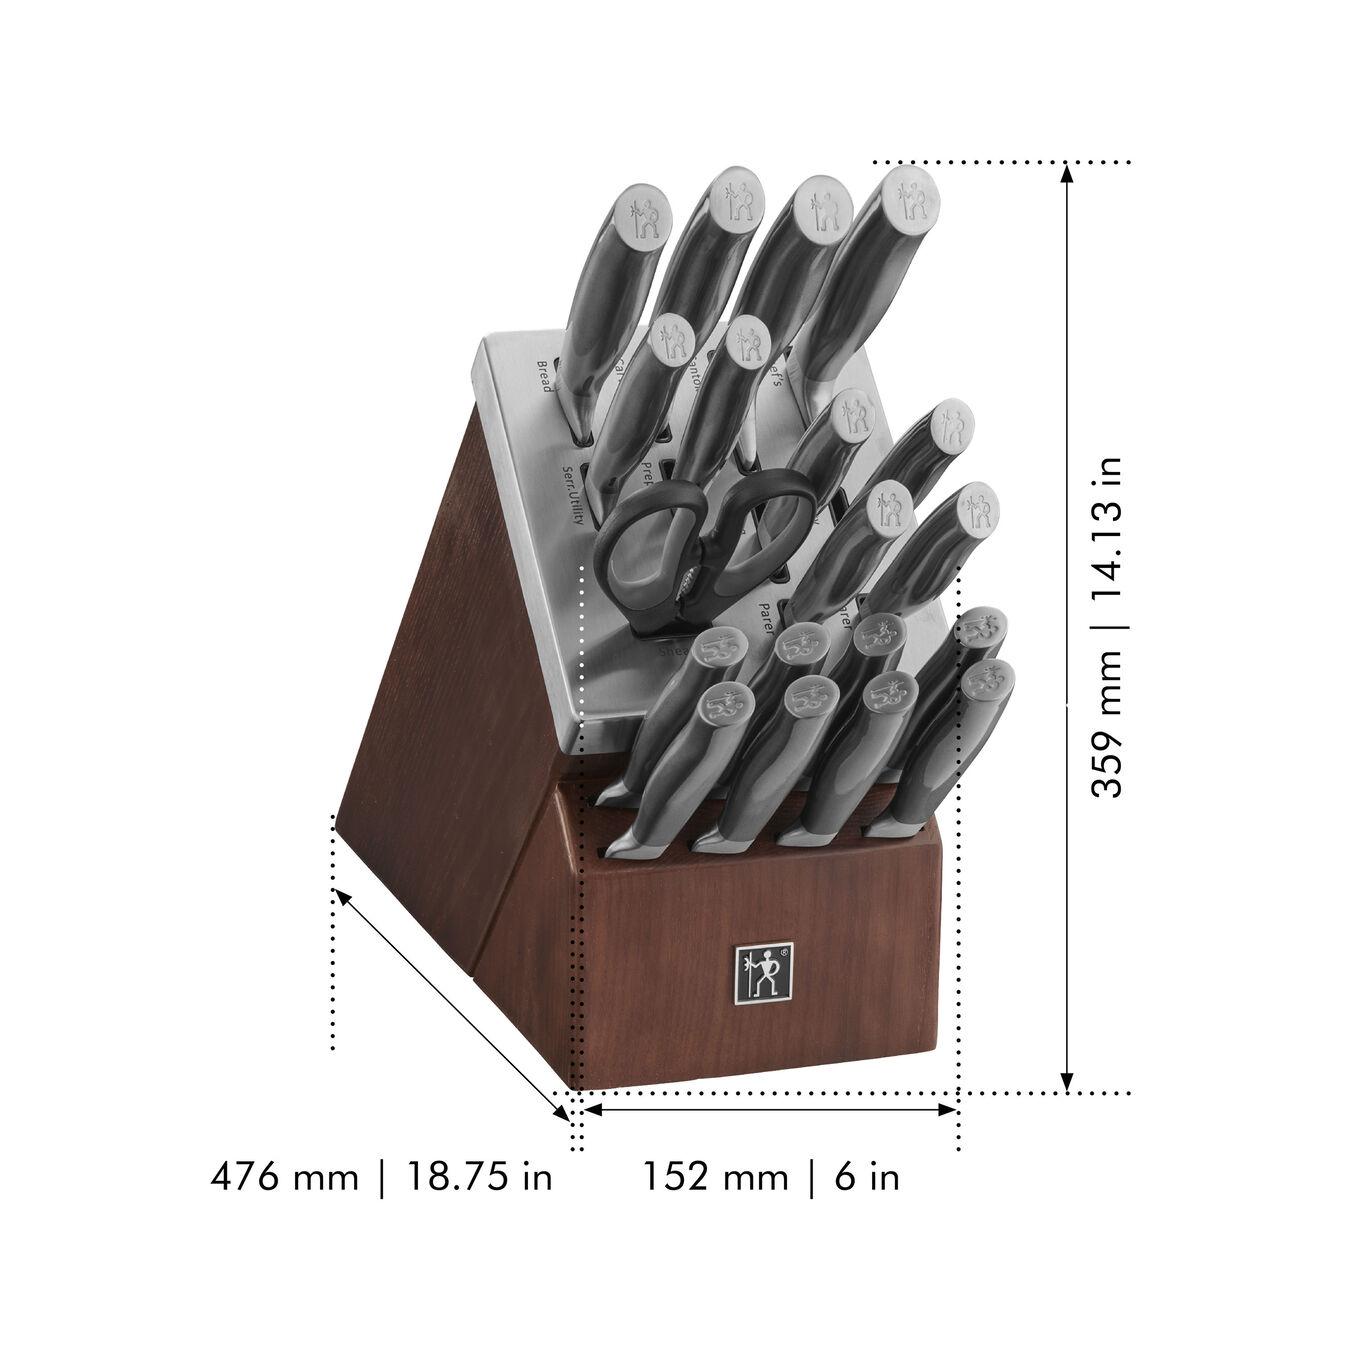 20-pc, Self-Sharpening Knife Block Set,,large 2